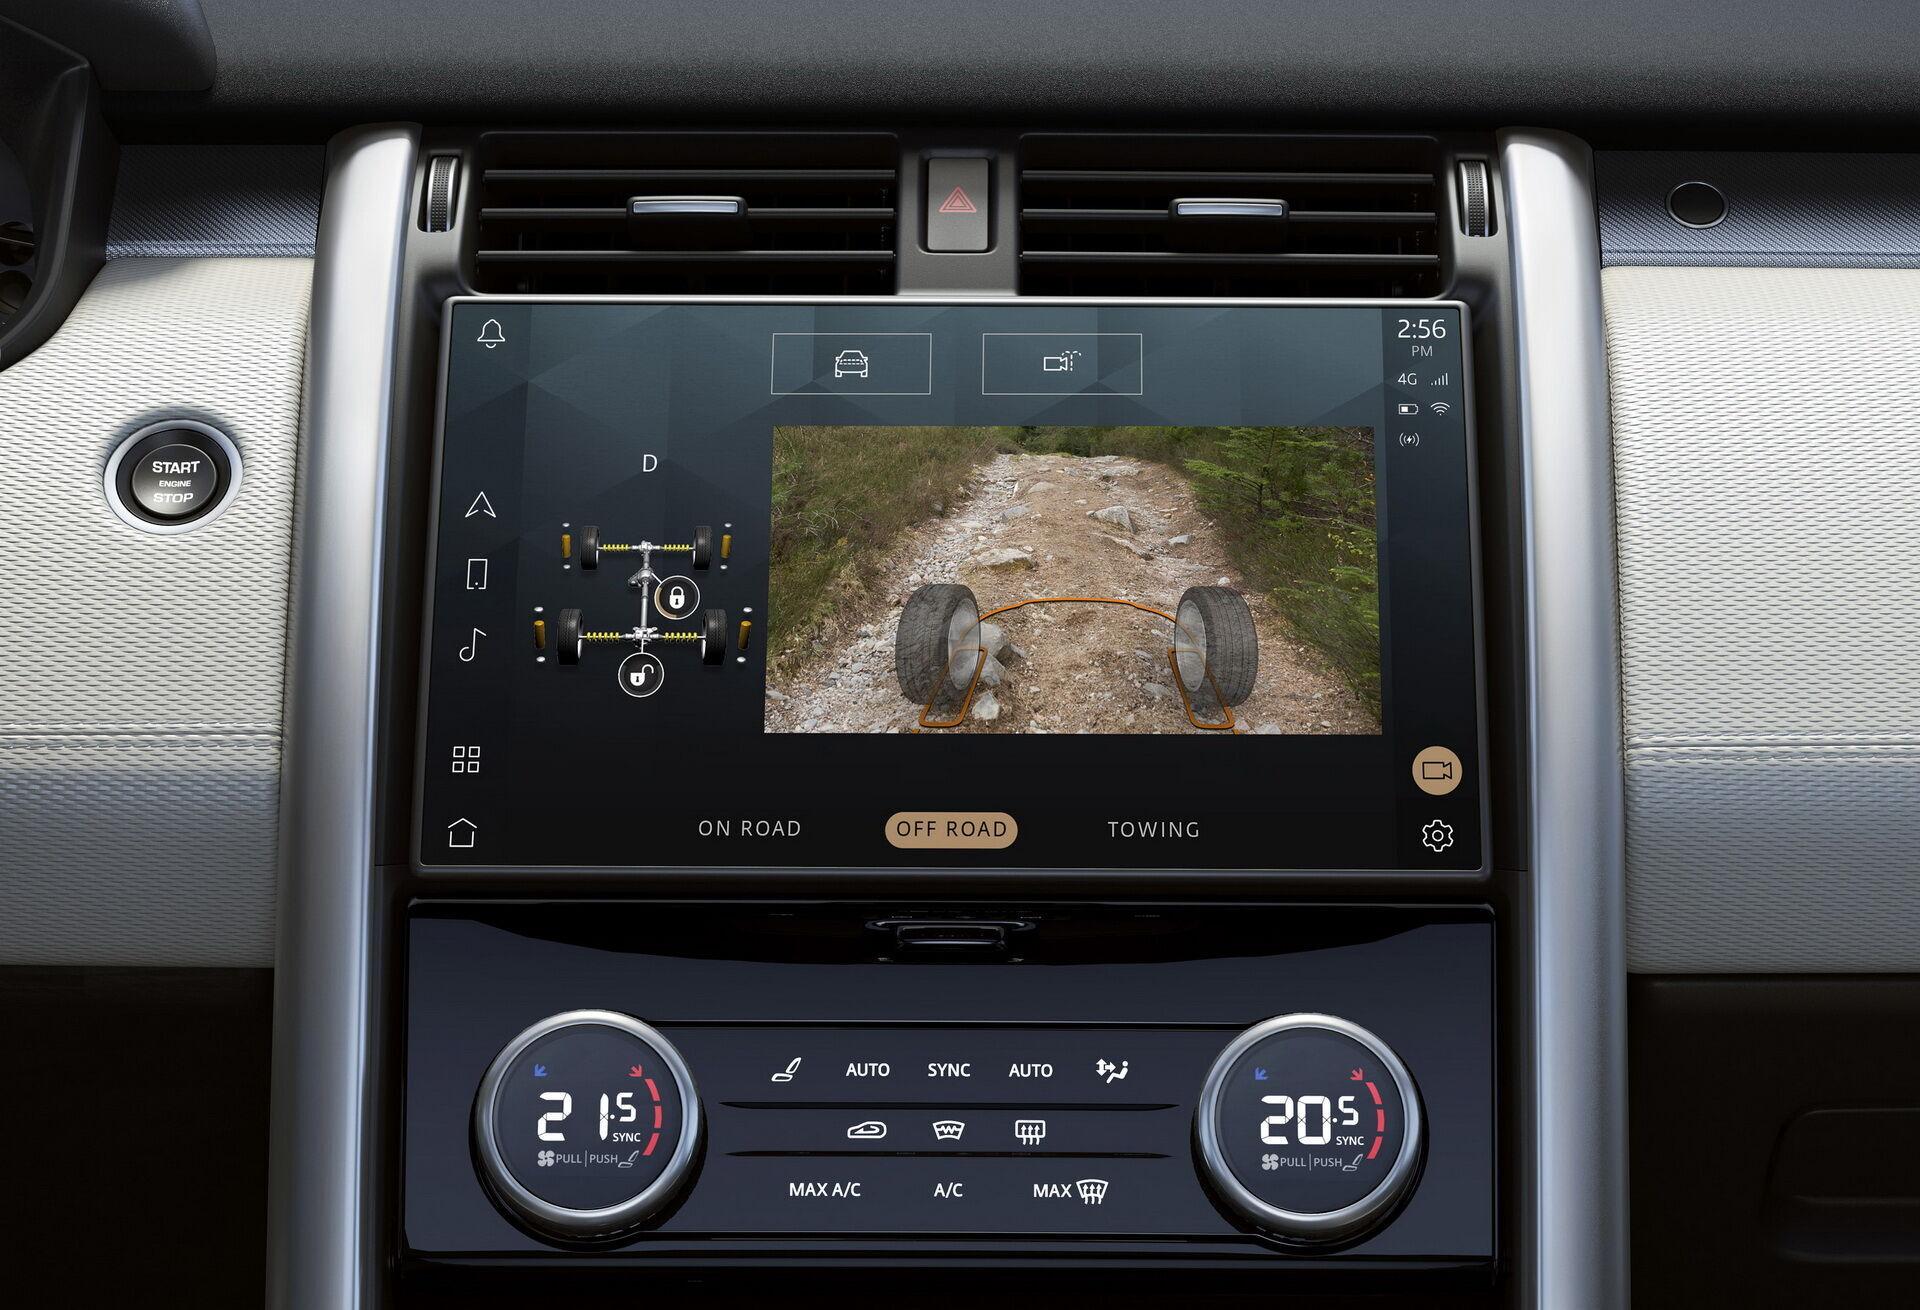 У номінації Smartbest приз вирушив до Jaguar Land Rover за інформаційно-розважальну систему Pivi Pro